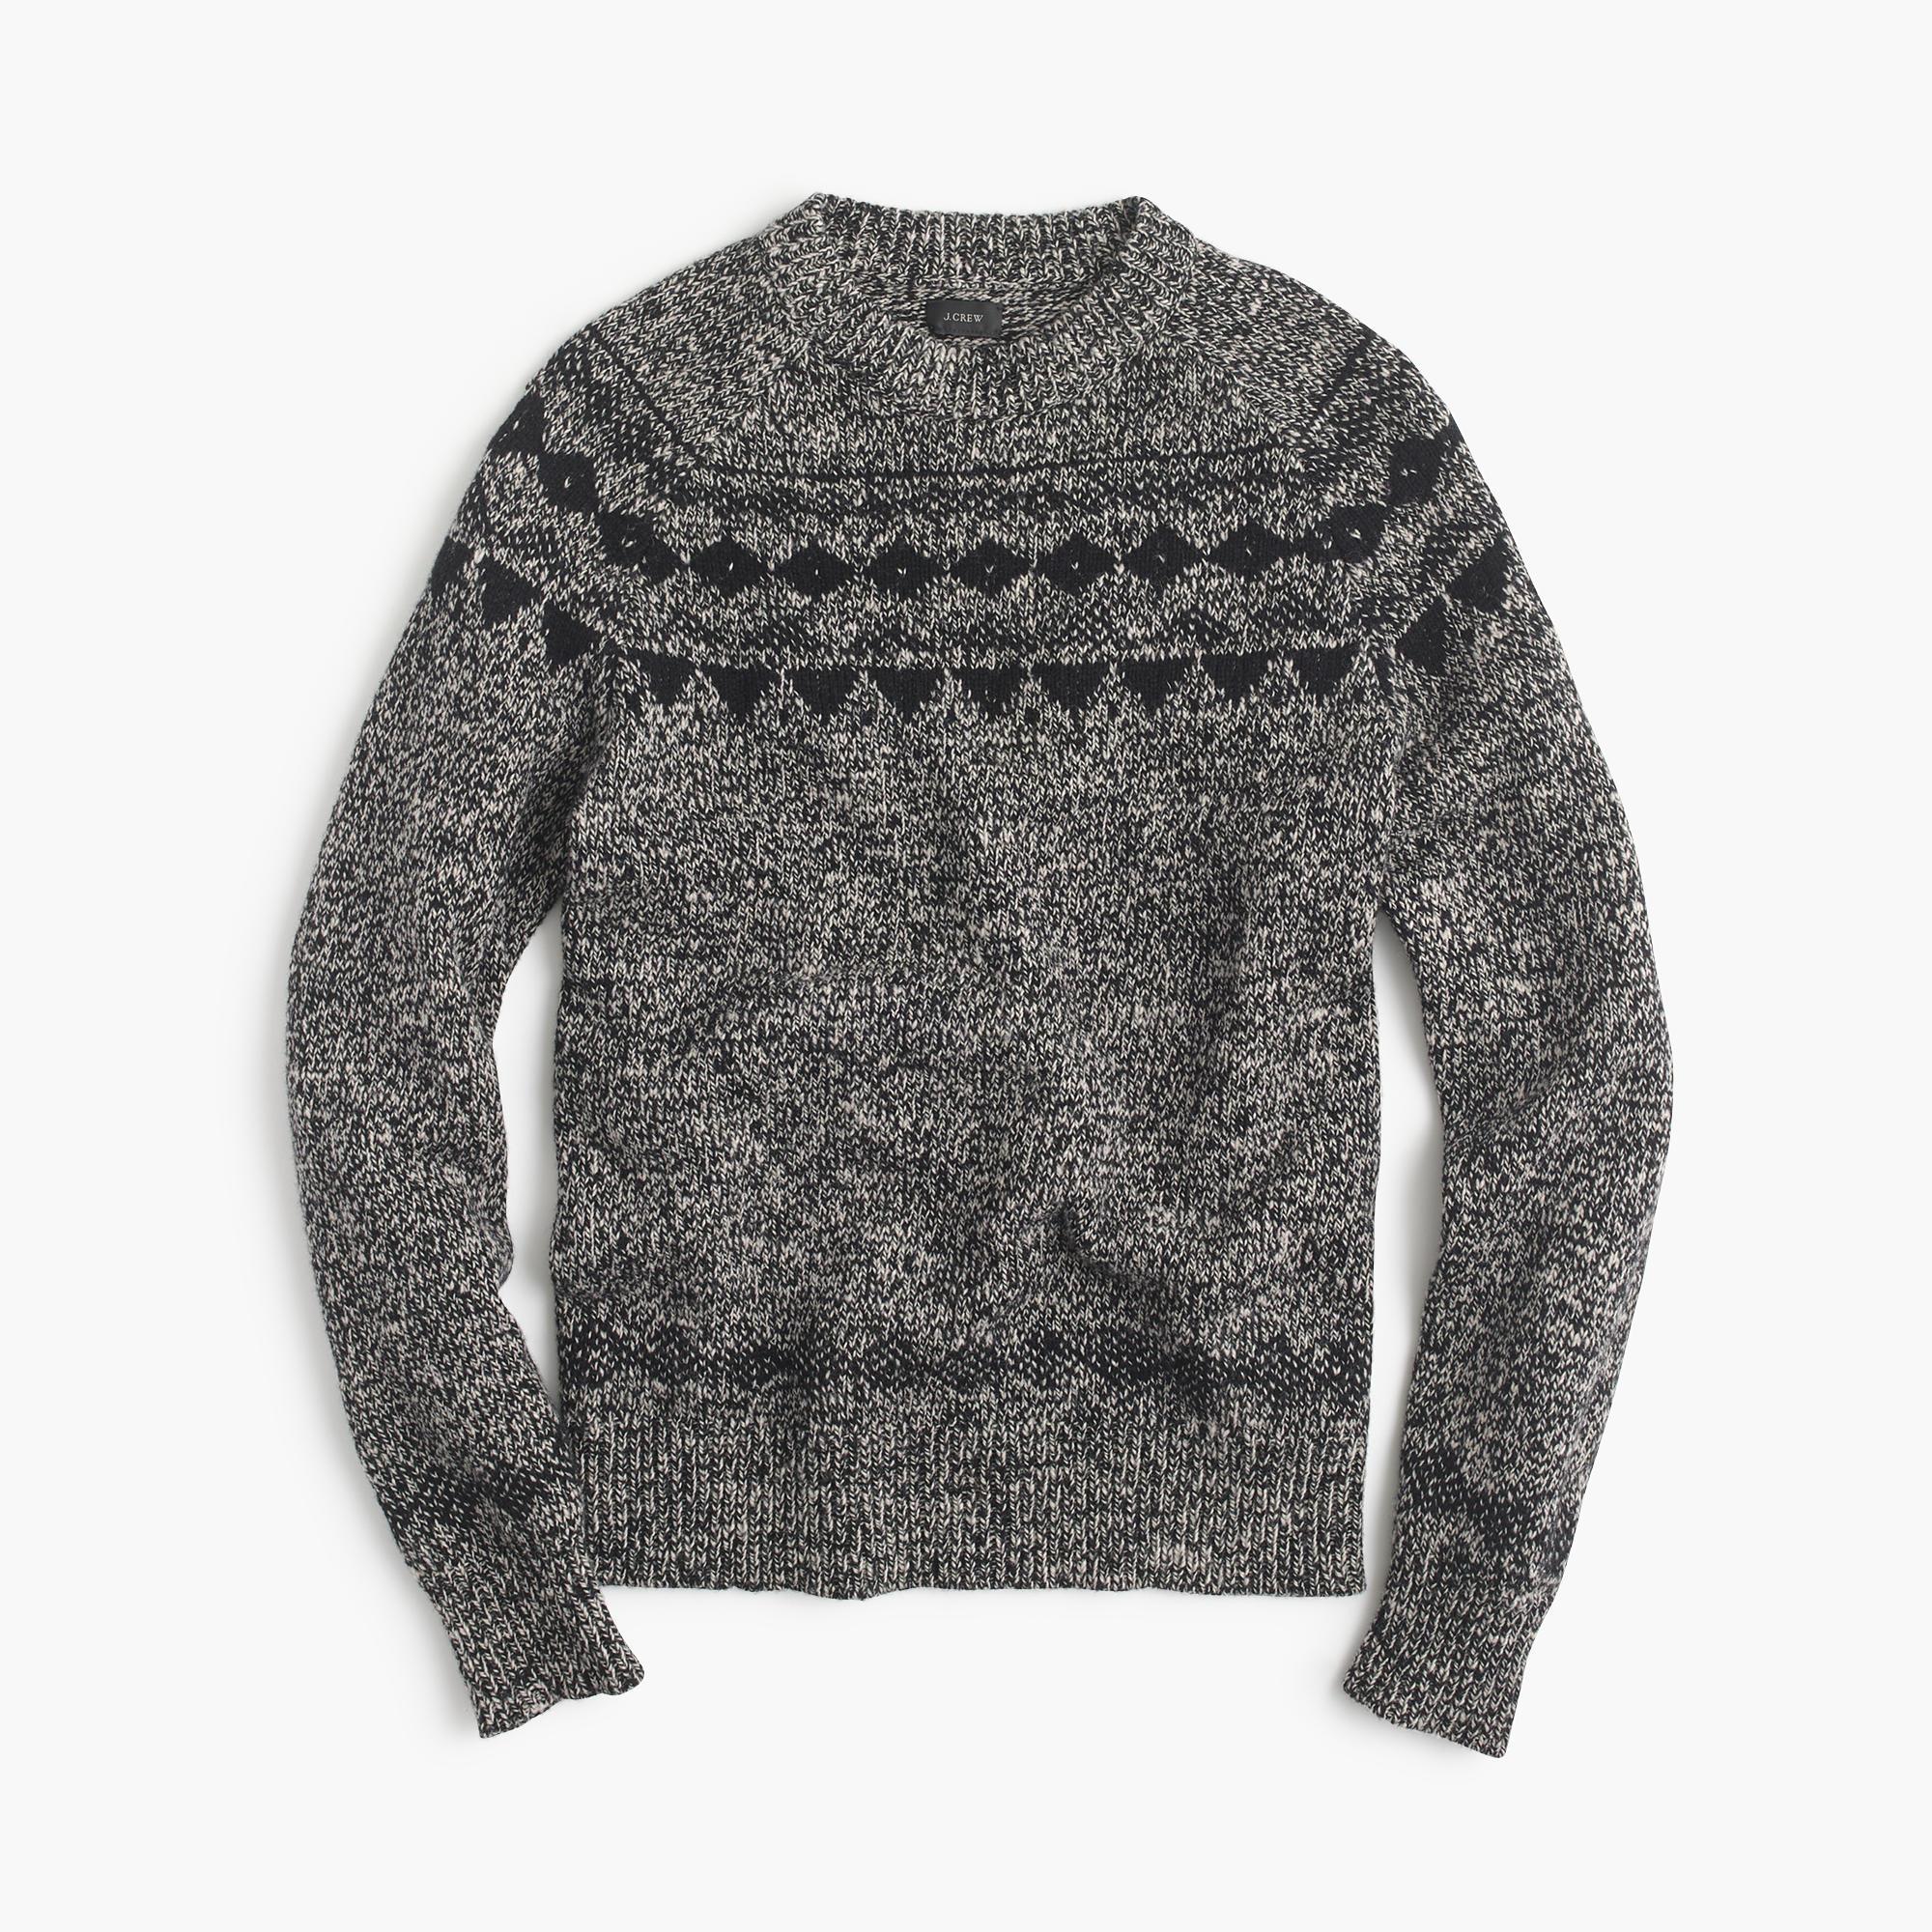 Fair Isle Knits | Fair Isle Sweater for Men | Fair Isle Sweater